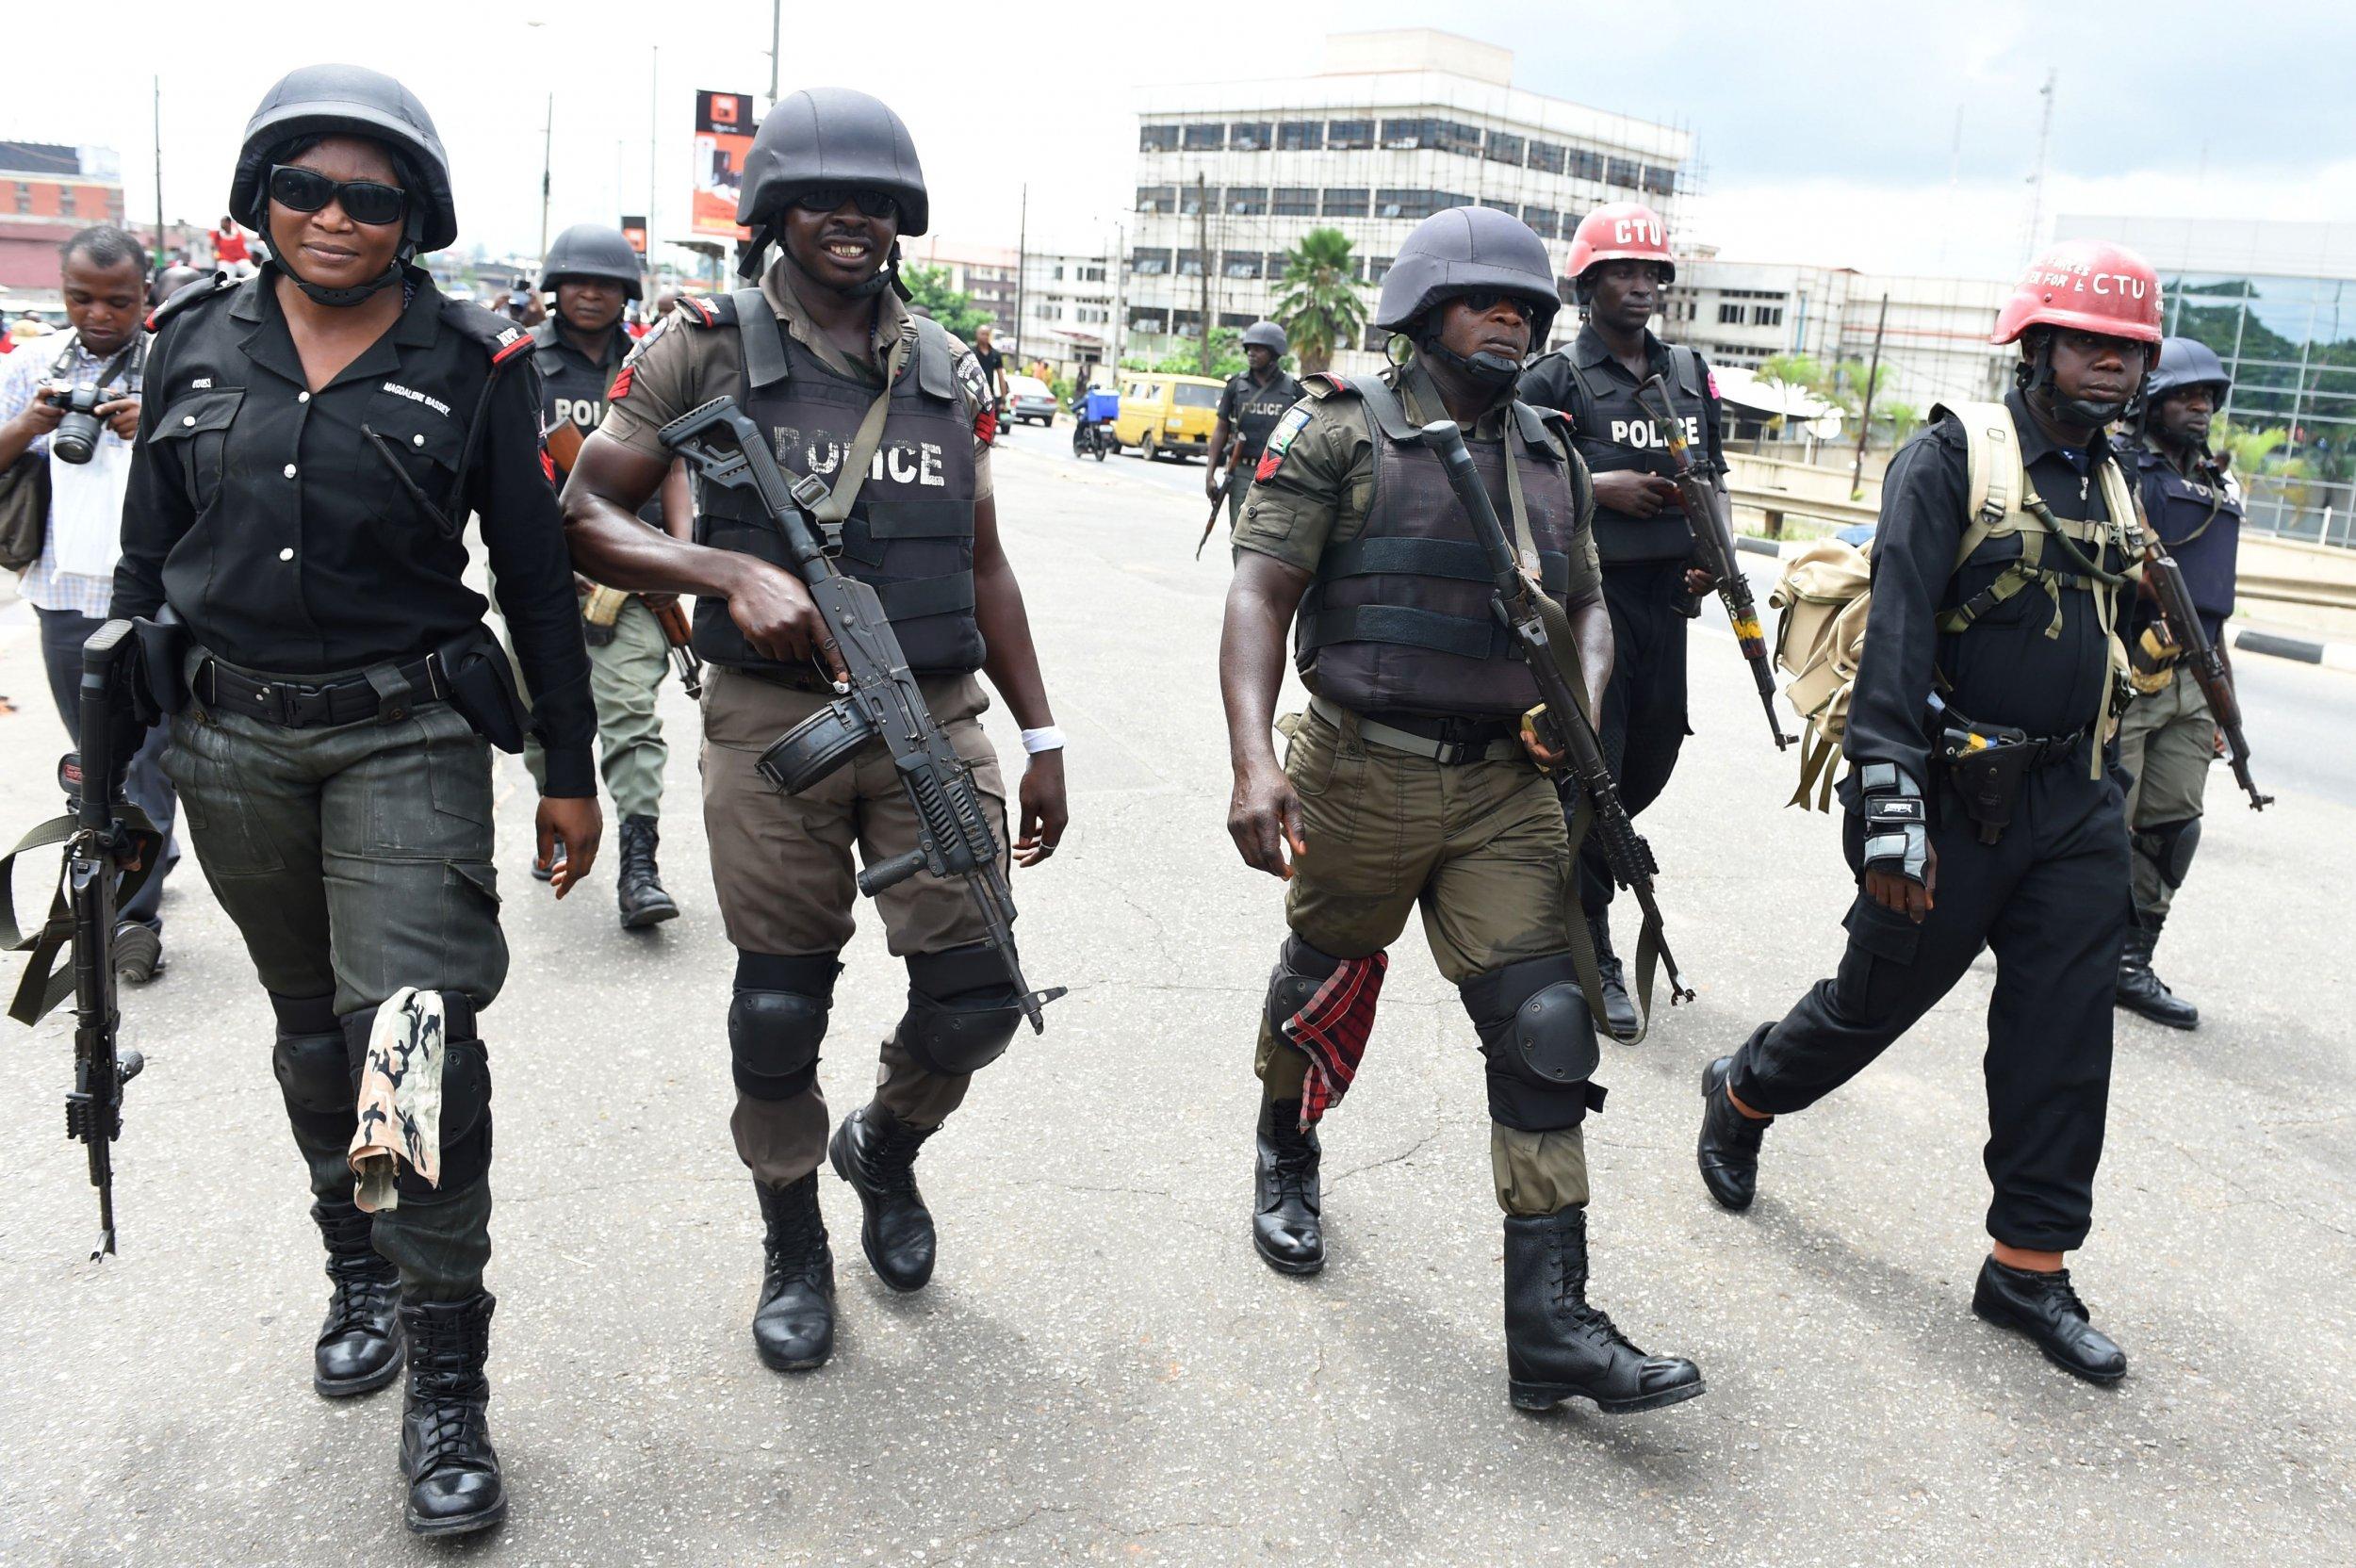 Meet Evans, Nigeria's Most Wanted Kidnapper, Captured After Gun Battle